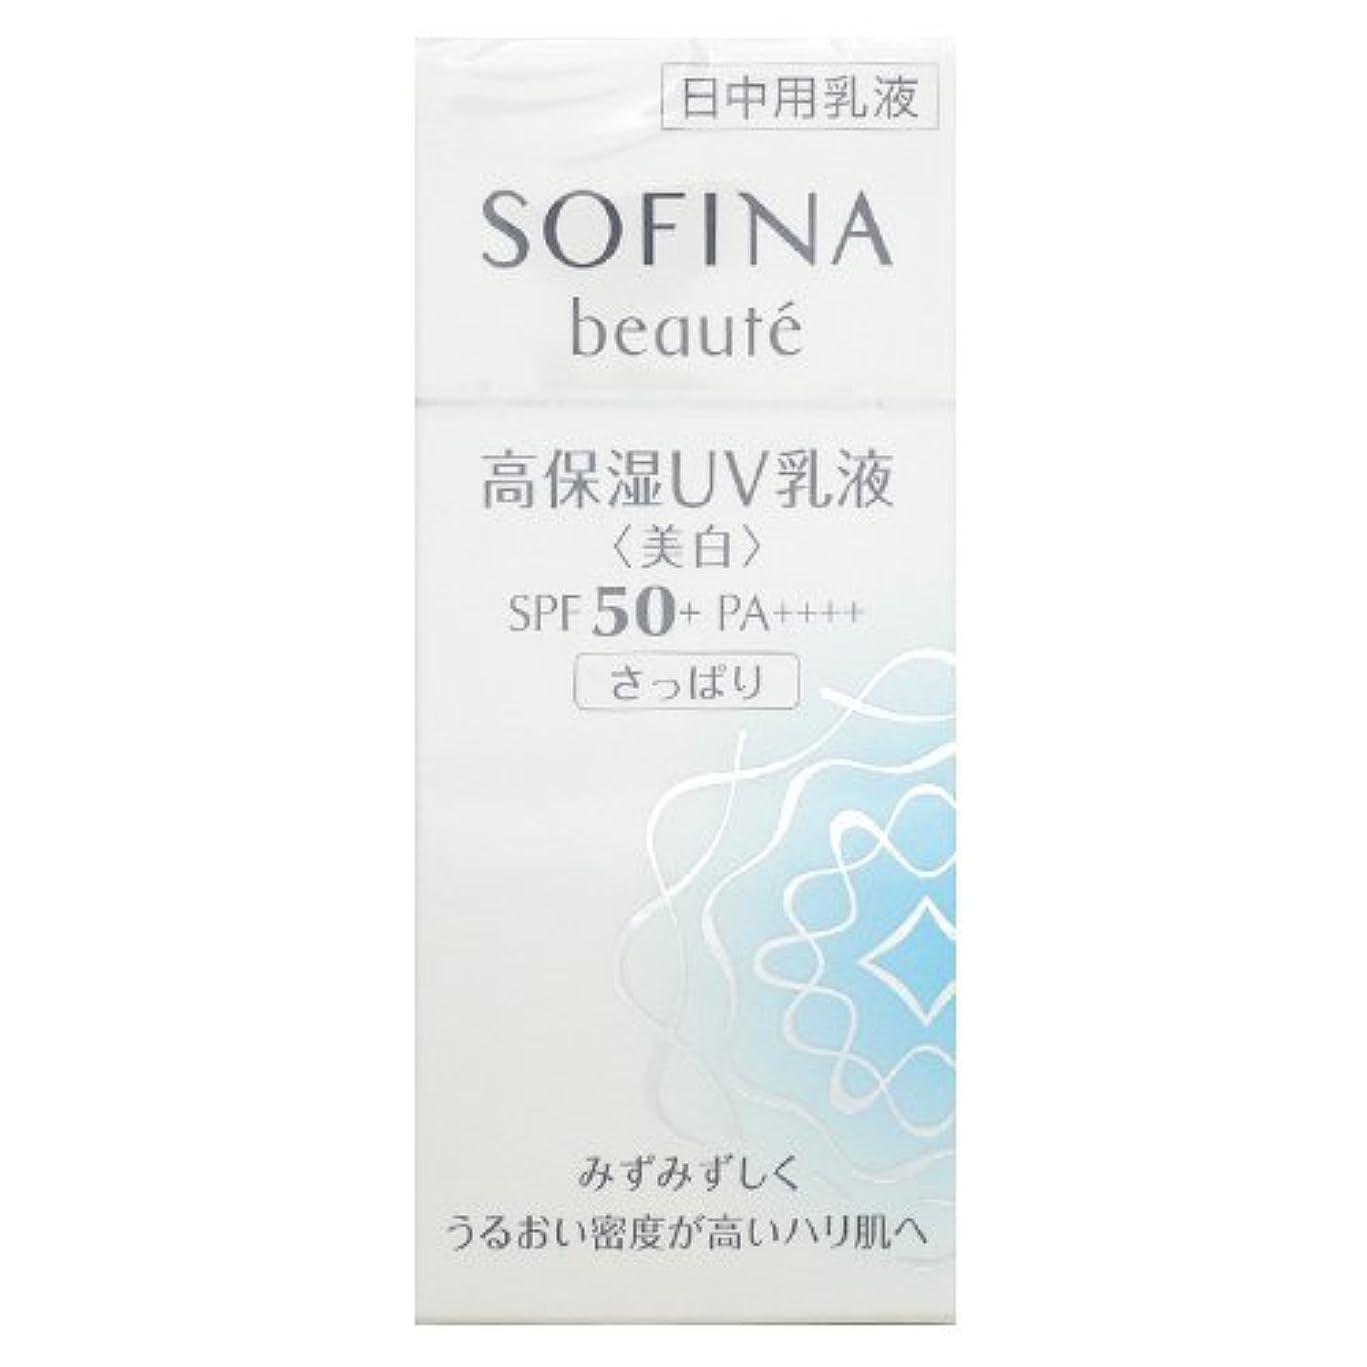 引き付ける戻す彼女自身花王 ソフィーナ ボーテ SOFINA beaute 高保湿UV乳液 美白 SPF50+ PA++++ さっぱり 30mL [並行輸入品]